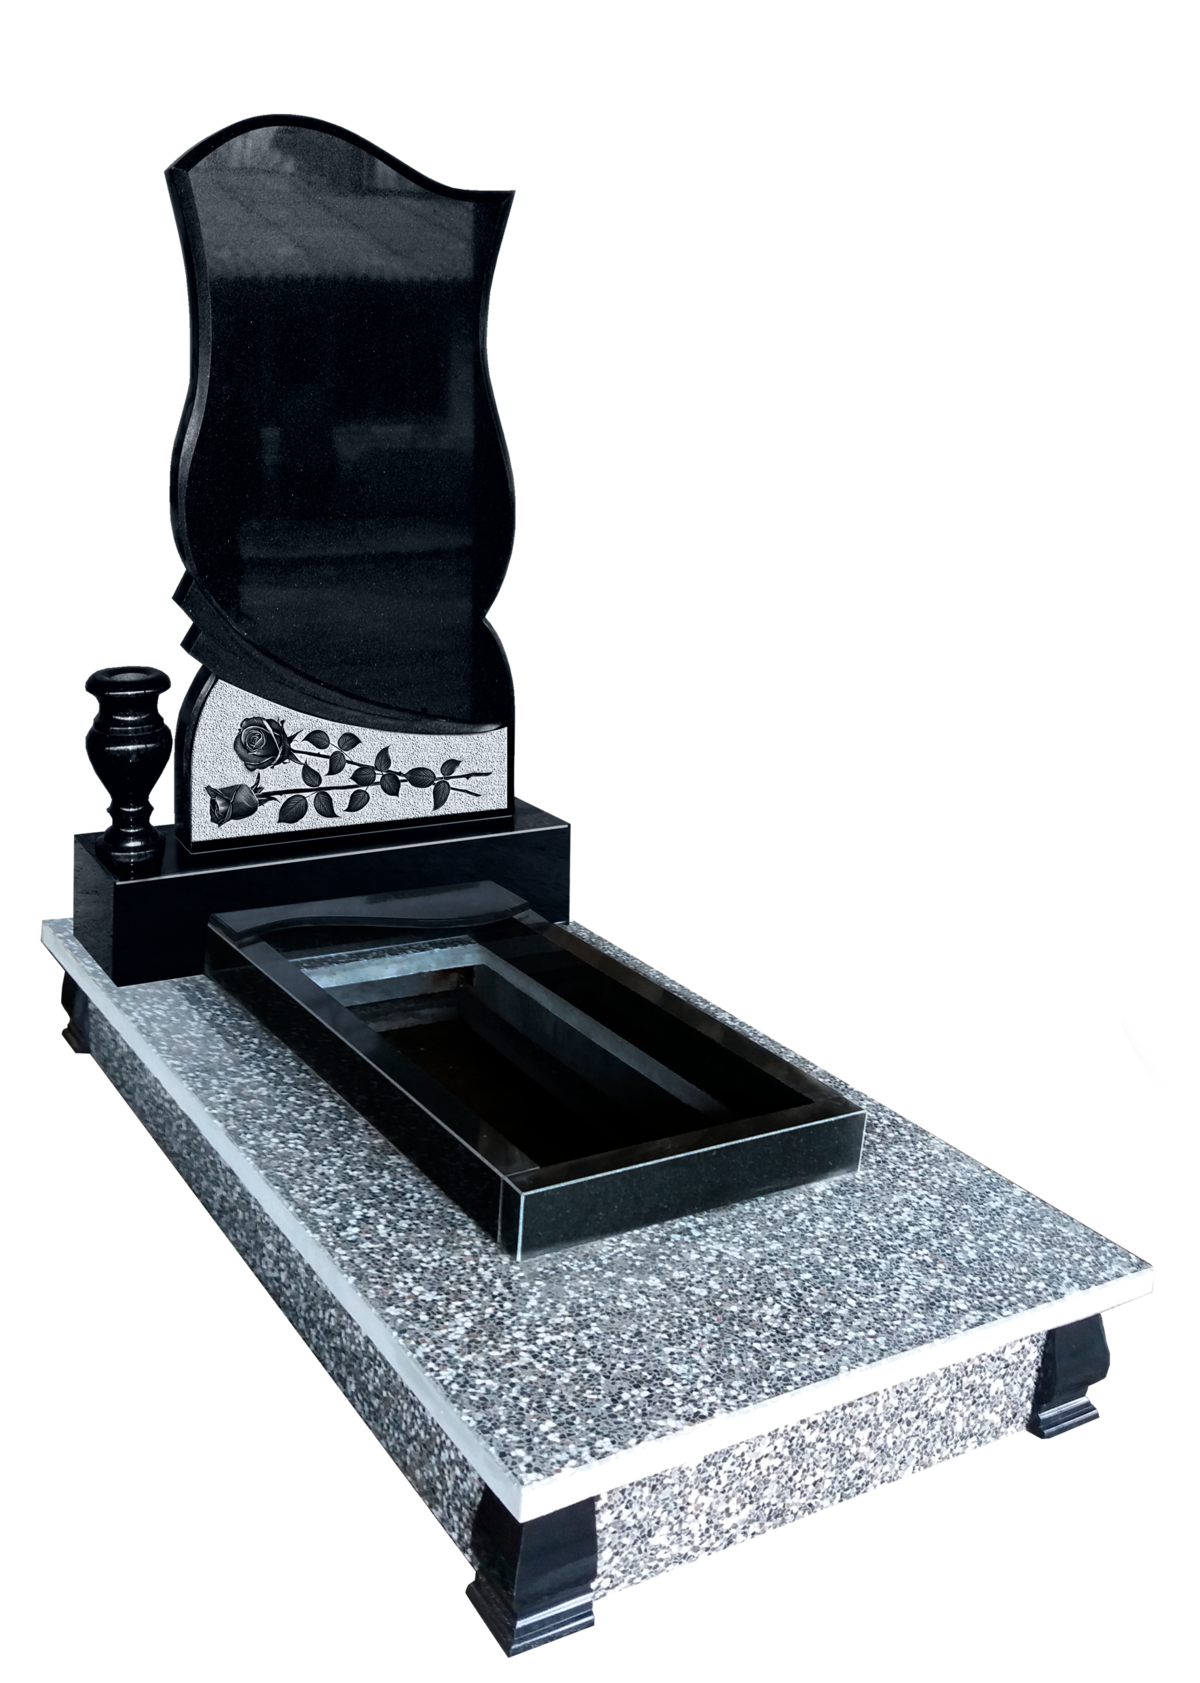 кекс образцы надгробных памятников из гранита фото огромного ассортимента серёжек